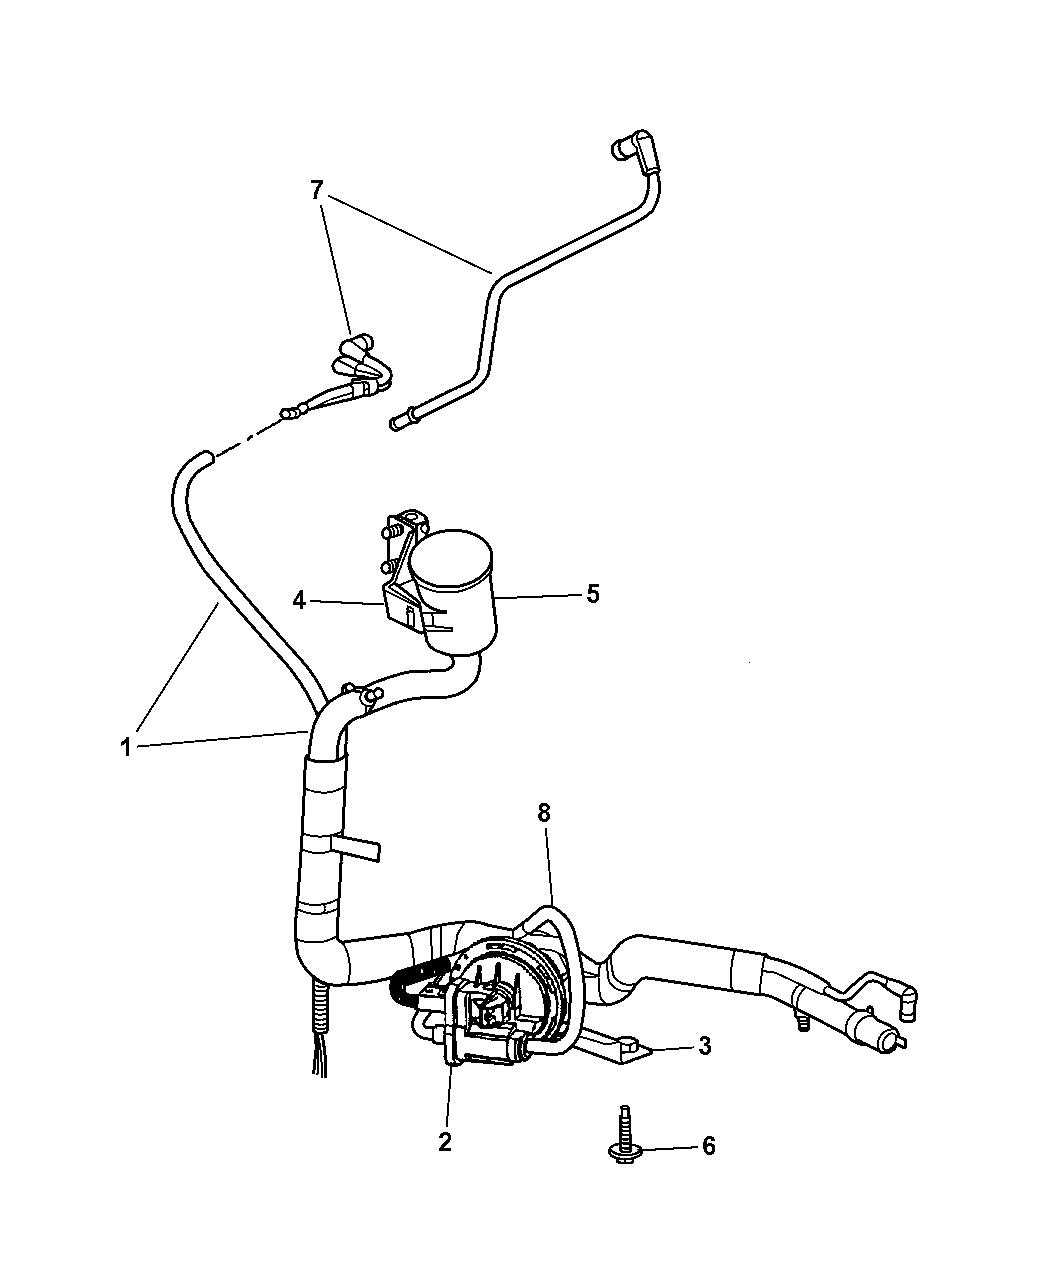 2002 Dodge Grand Caravan Leak Detection Pump